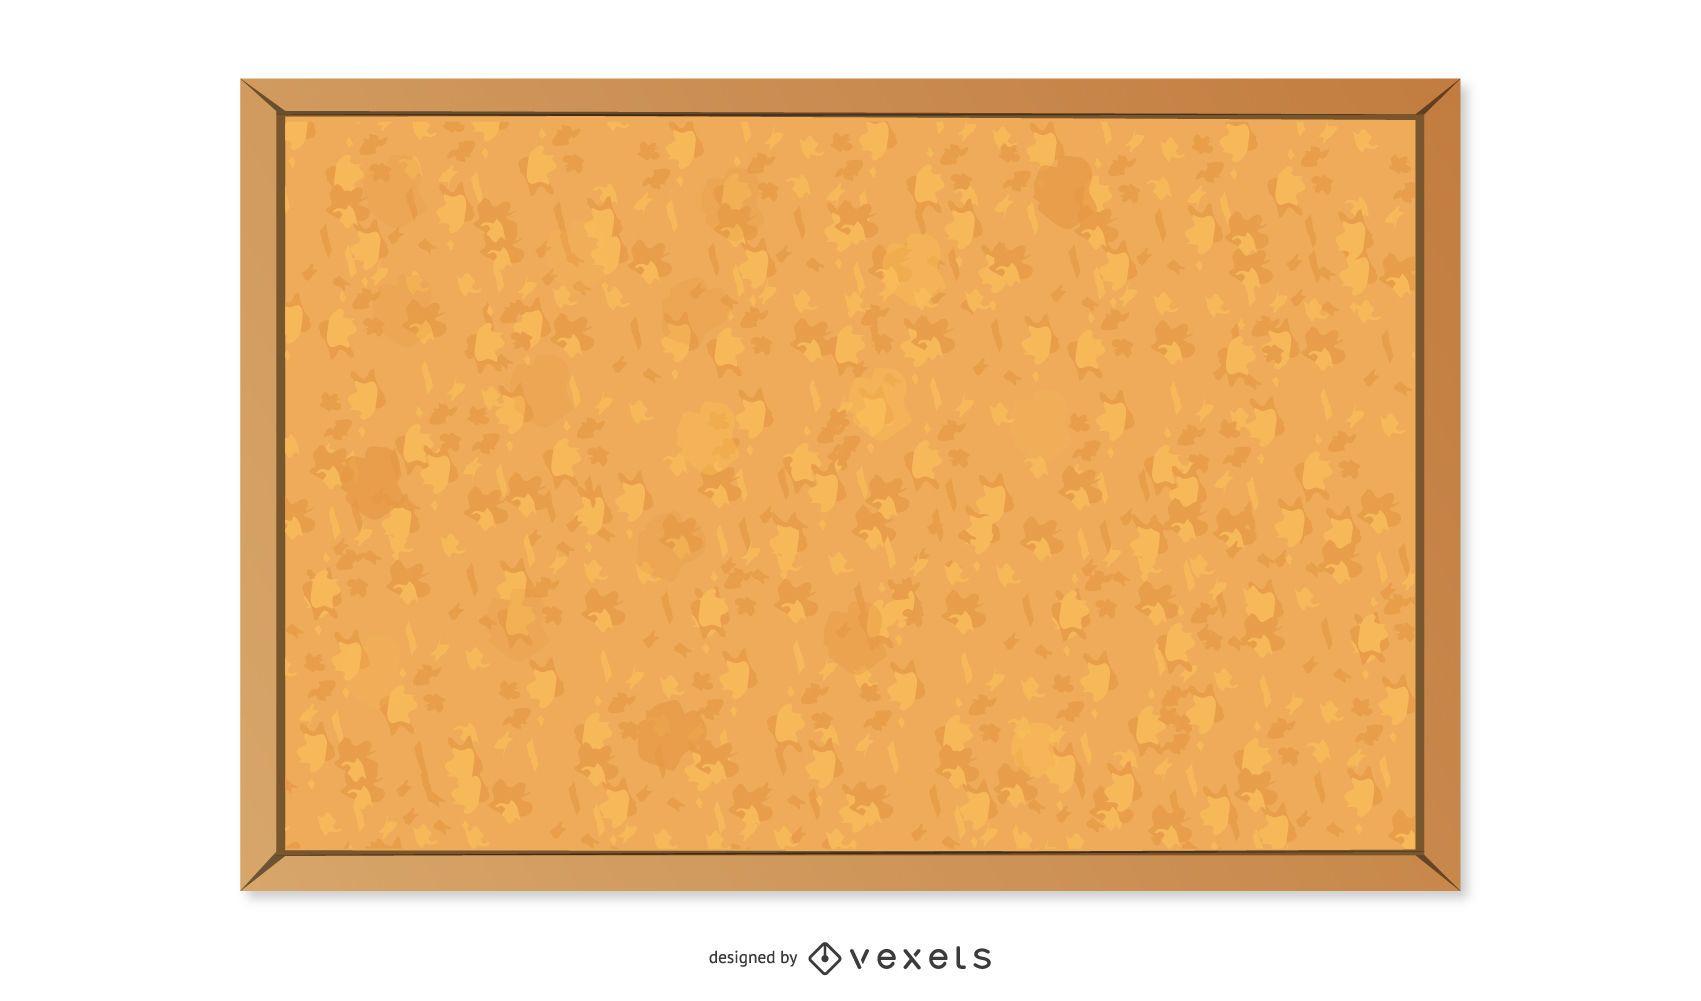 Textura Corkboard